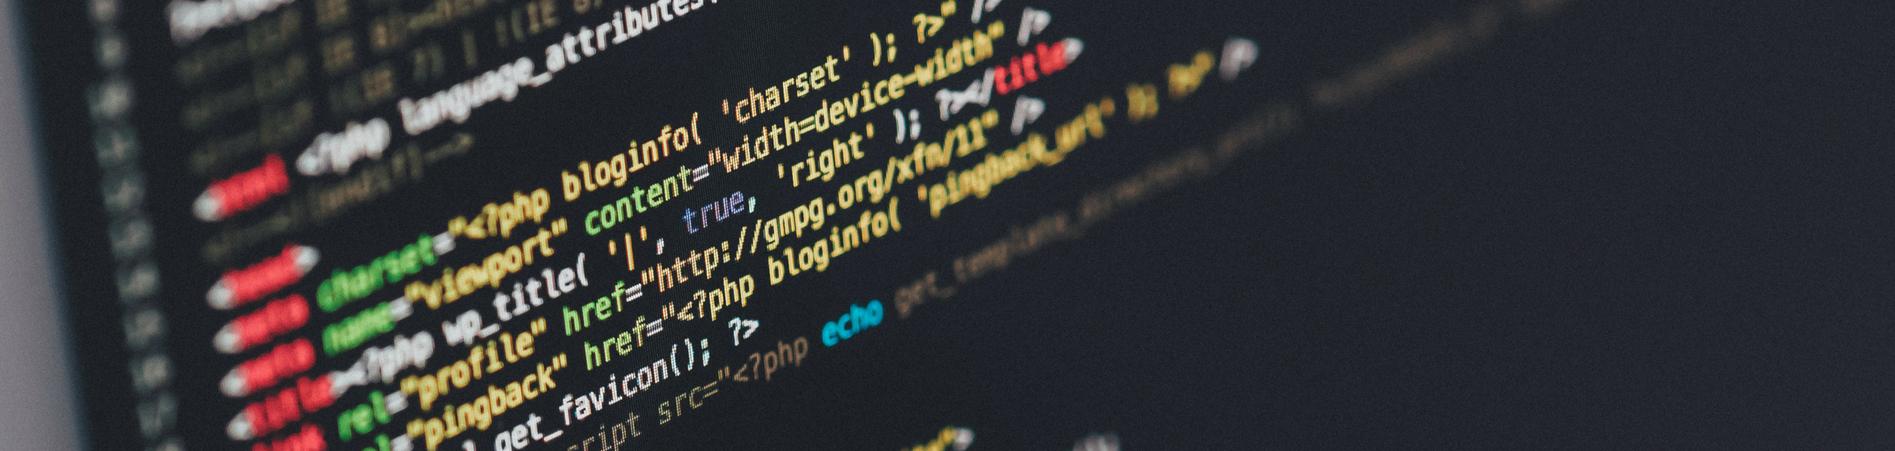 webdesign bielefeld Bildschirm mit HTML-Code